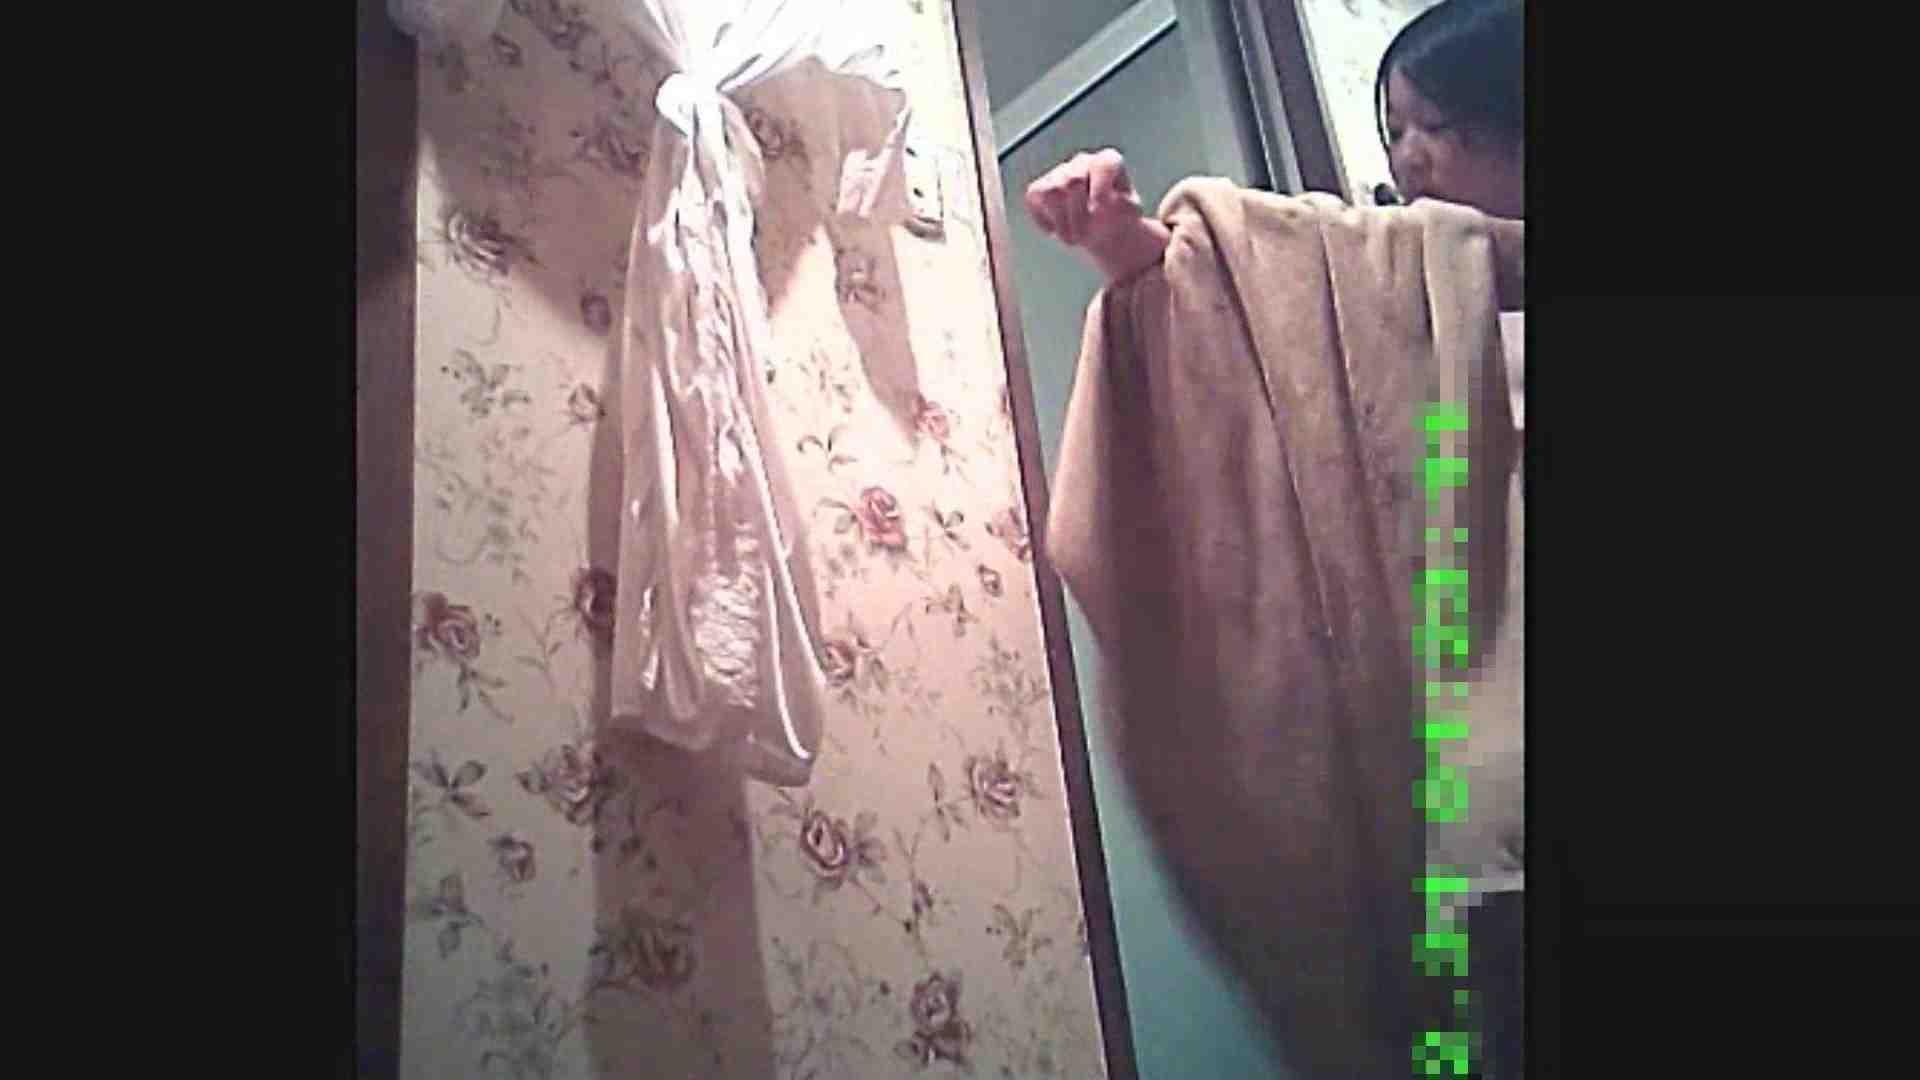 禁断、、家庭教のおしえ子 (シリーズⅣ) しのぶちゃん  Vol.26 脱衣編 ギャル攻め   ラブホテル  103画像 49